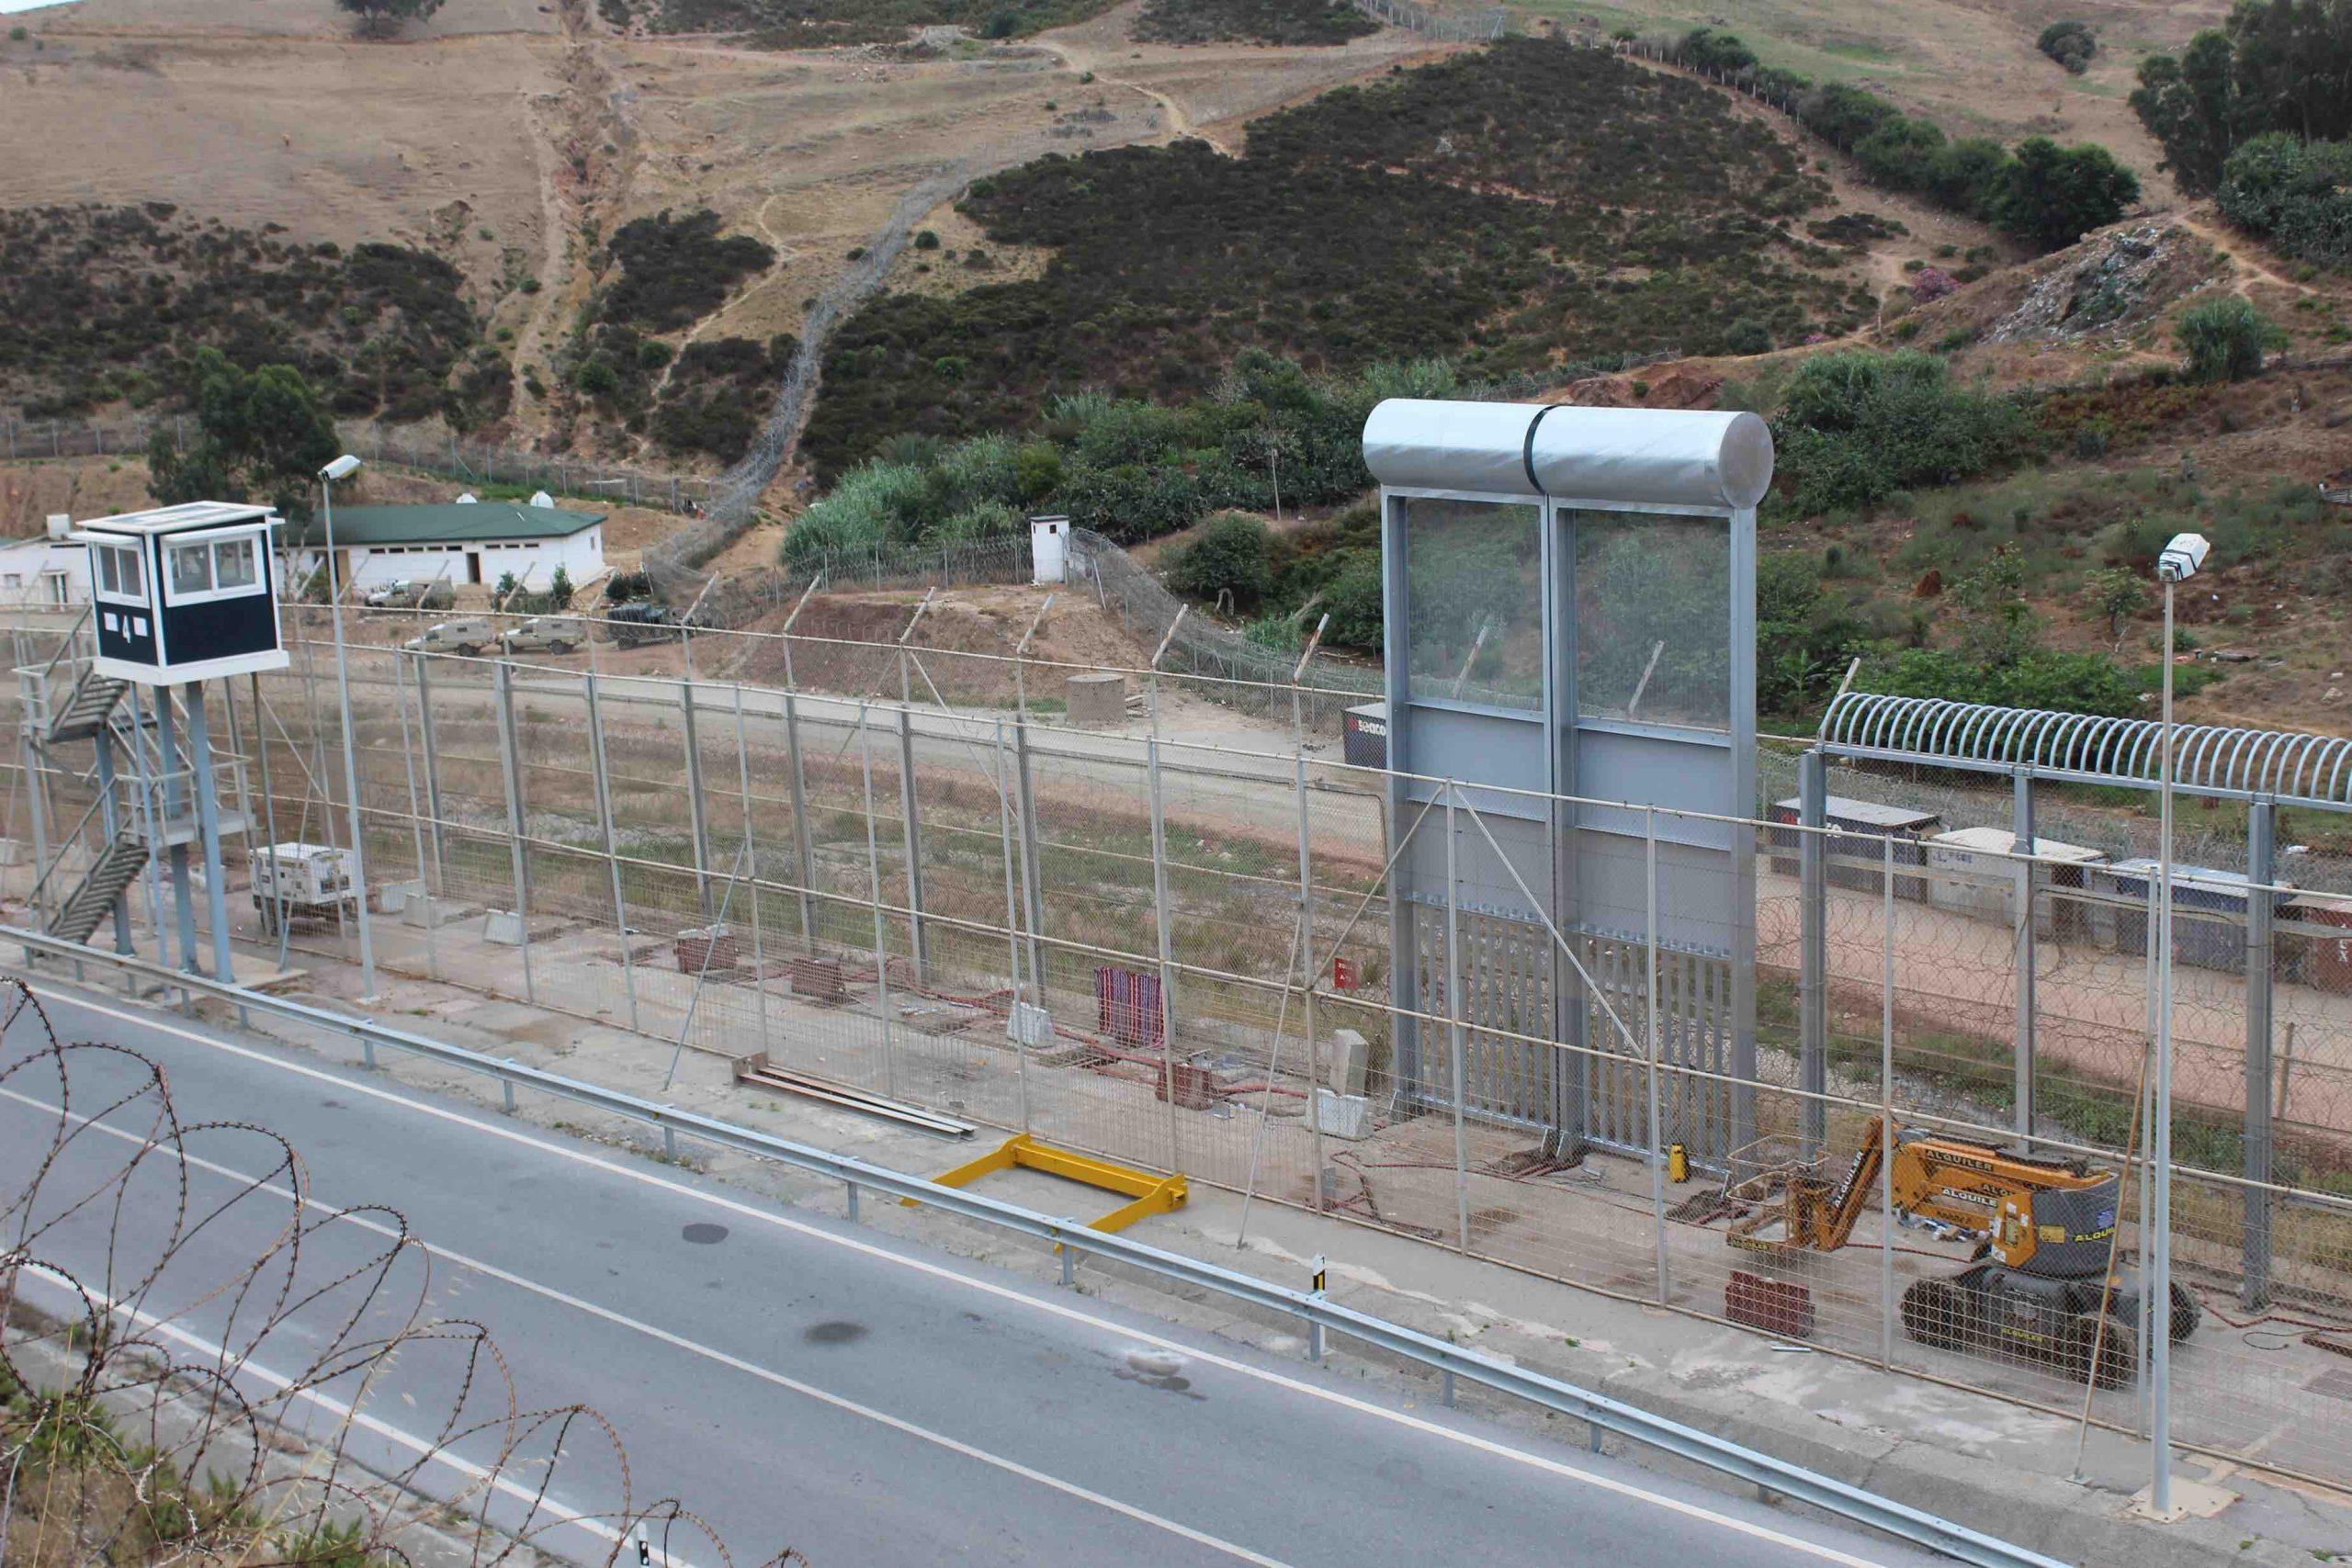 Así son las nuevas vallas de Ceuta: más altas y sin cuchillas.